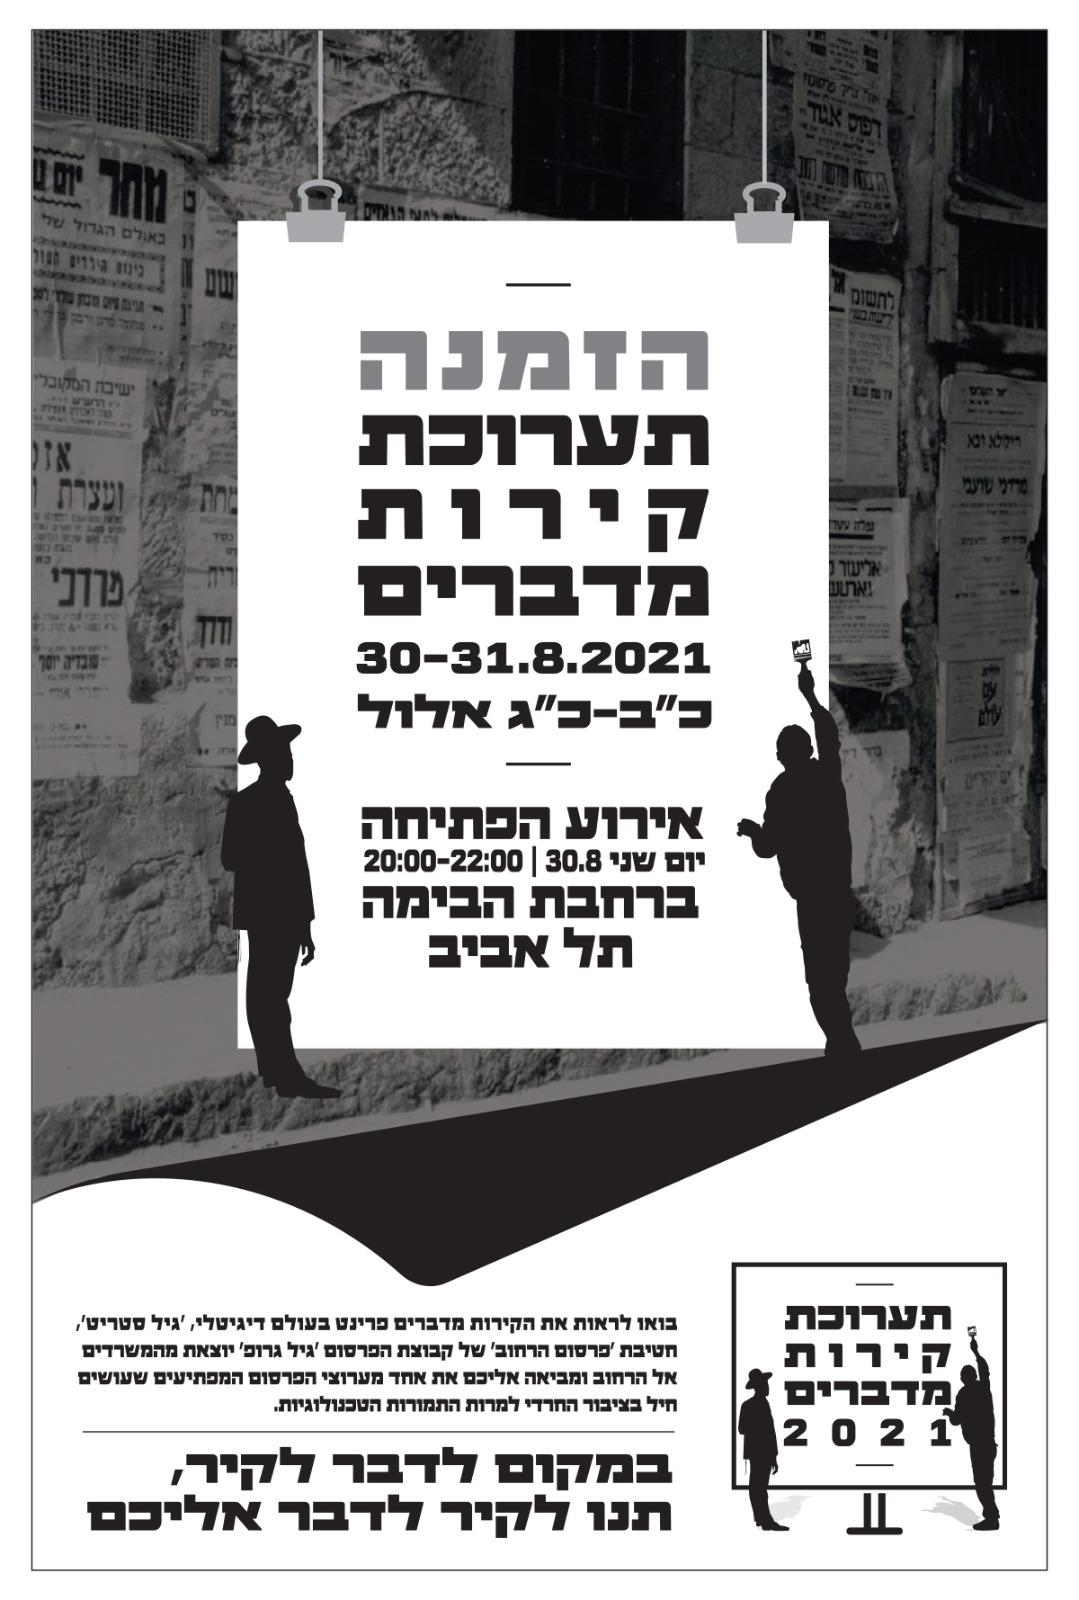 לראשונה בתל אביב: הצצה נדירה ל-70 שנות מודעות רחוב מהעולם החרדי 1